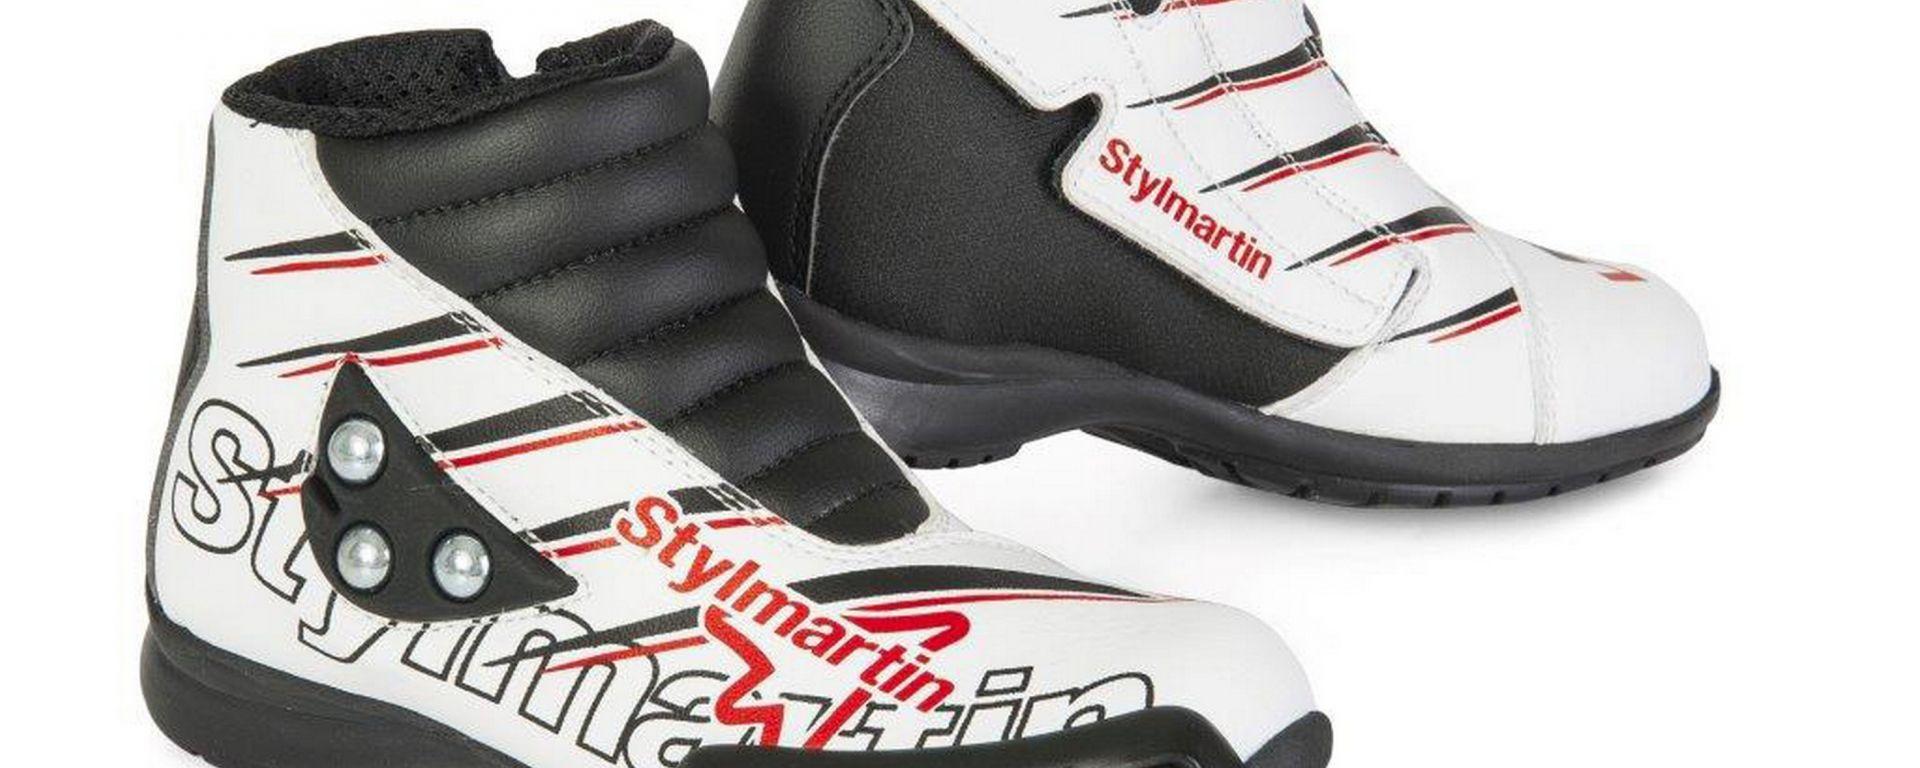 Stylmartin Speed Jr S1: nuove grafiche e tinte